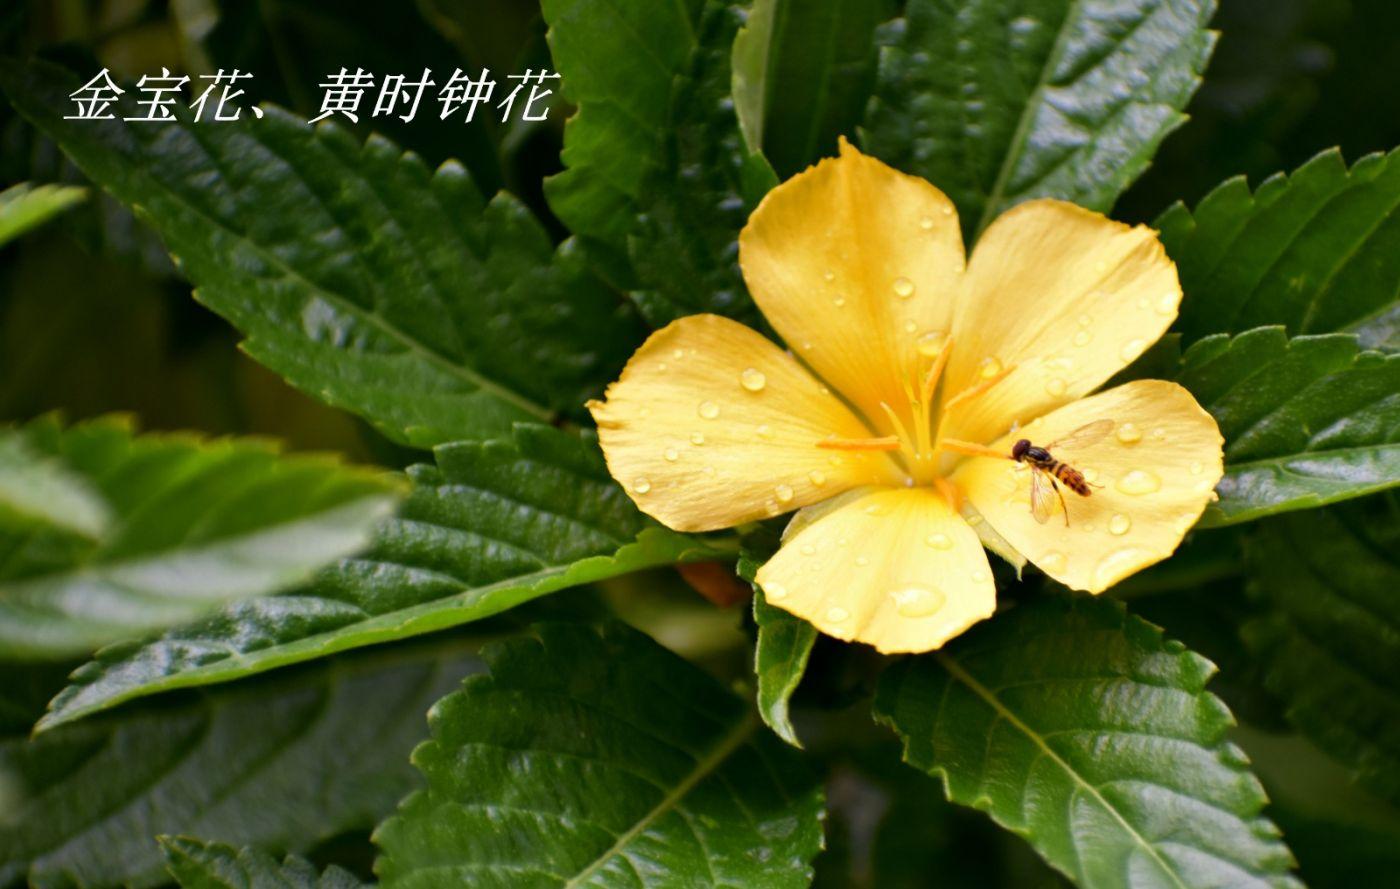 花草图谱 (4)_图1-1